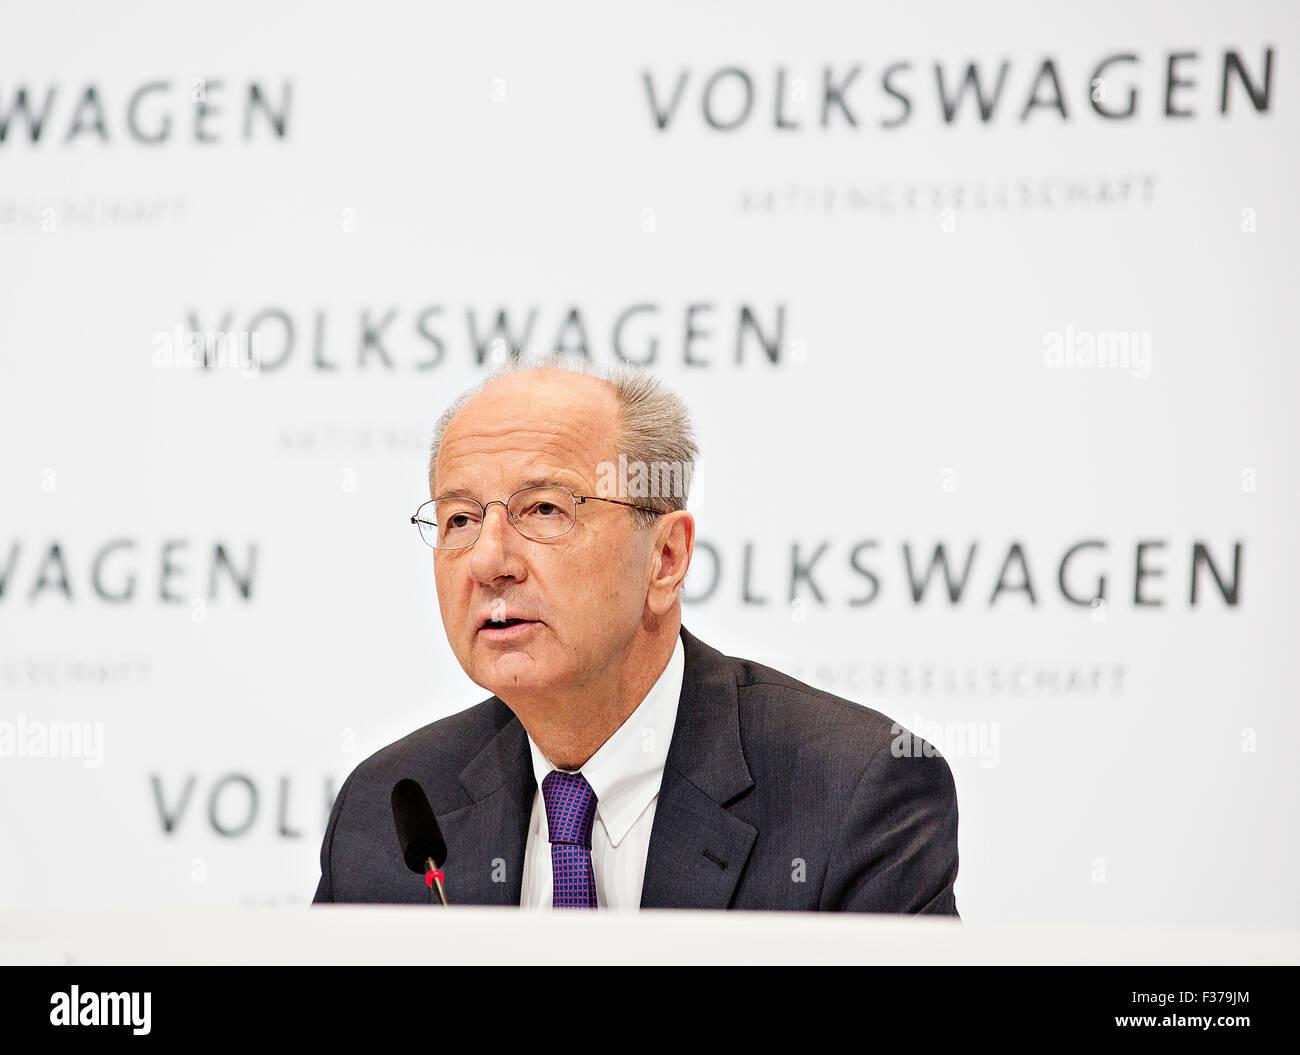 Hans Dieter Poetsch, VW, Volkswagen - Stock Image